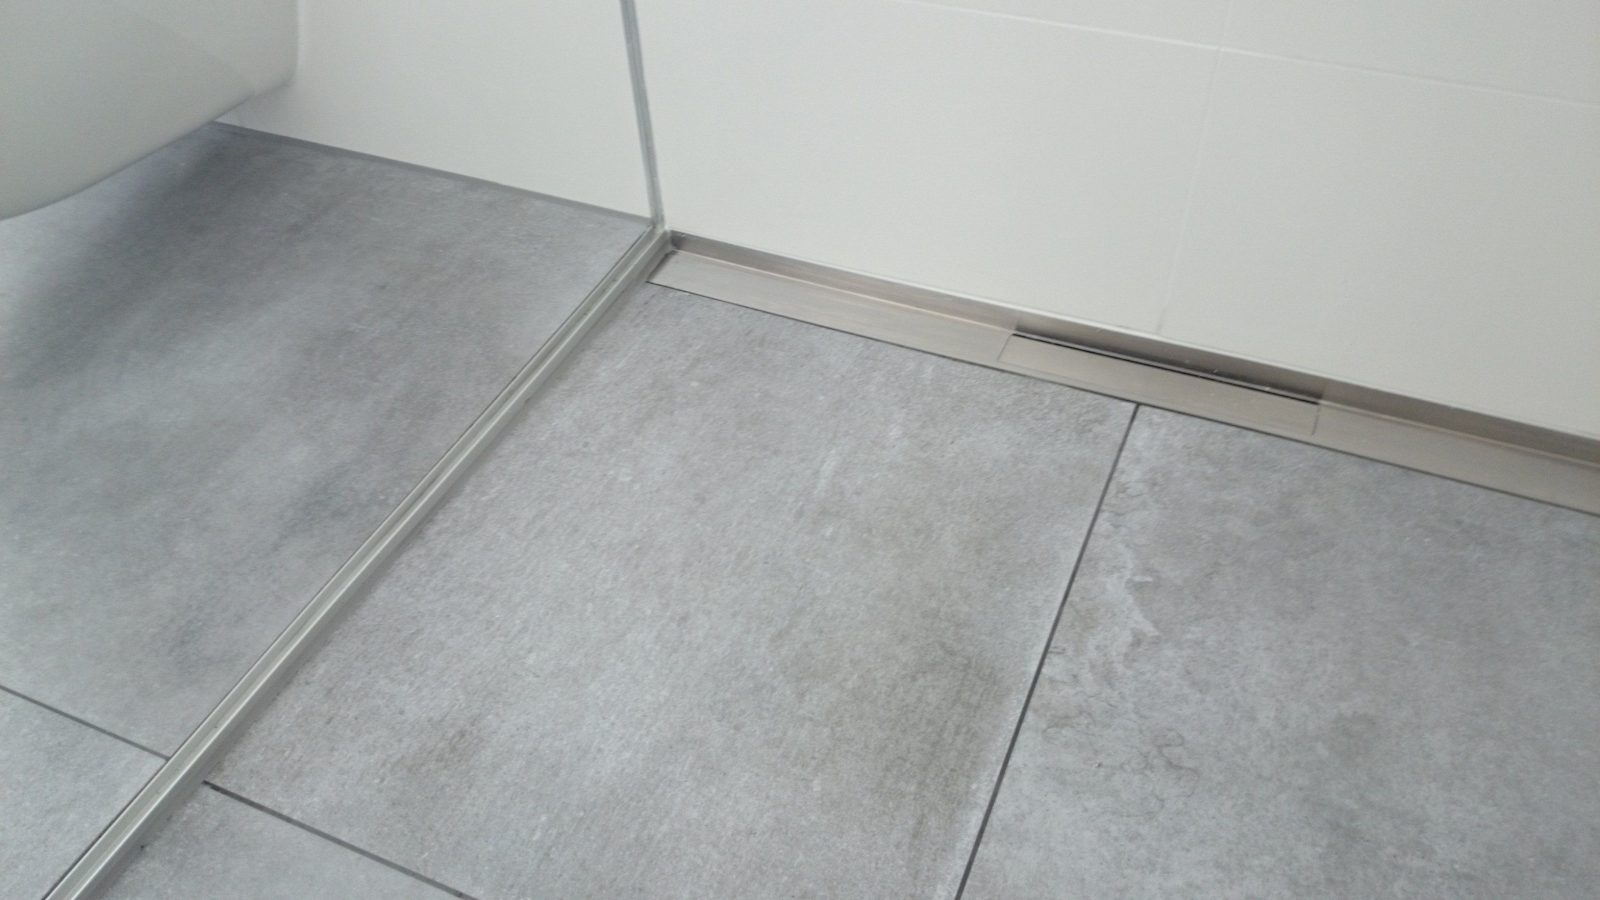 Fliesen Bodengleiche Dusche Tr29 – Hitoiro von Bodengleiche Dusche Fliesen Rutschfest Bild